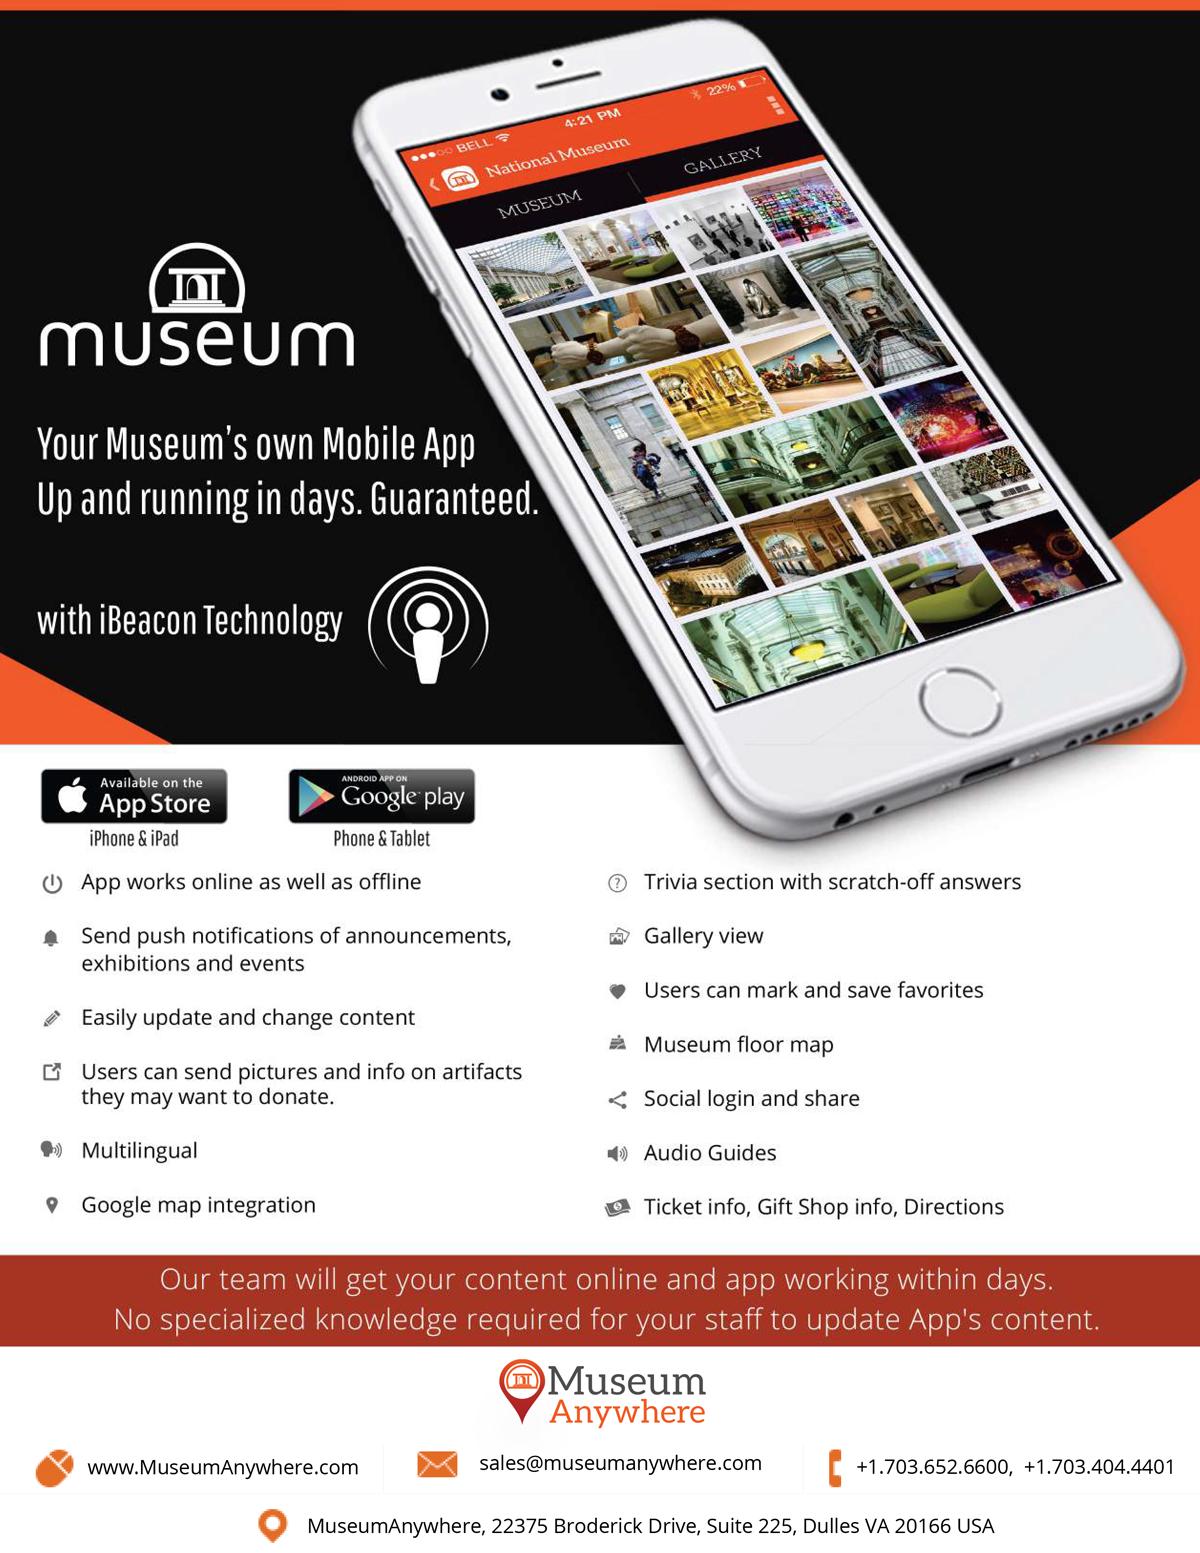 museum_app